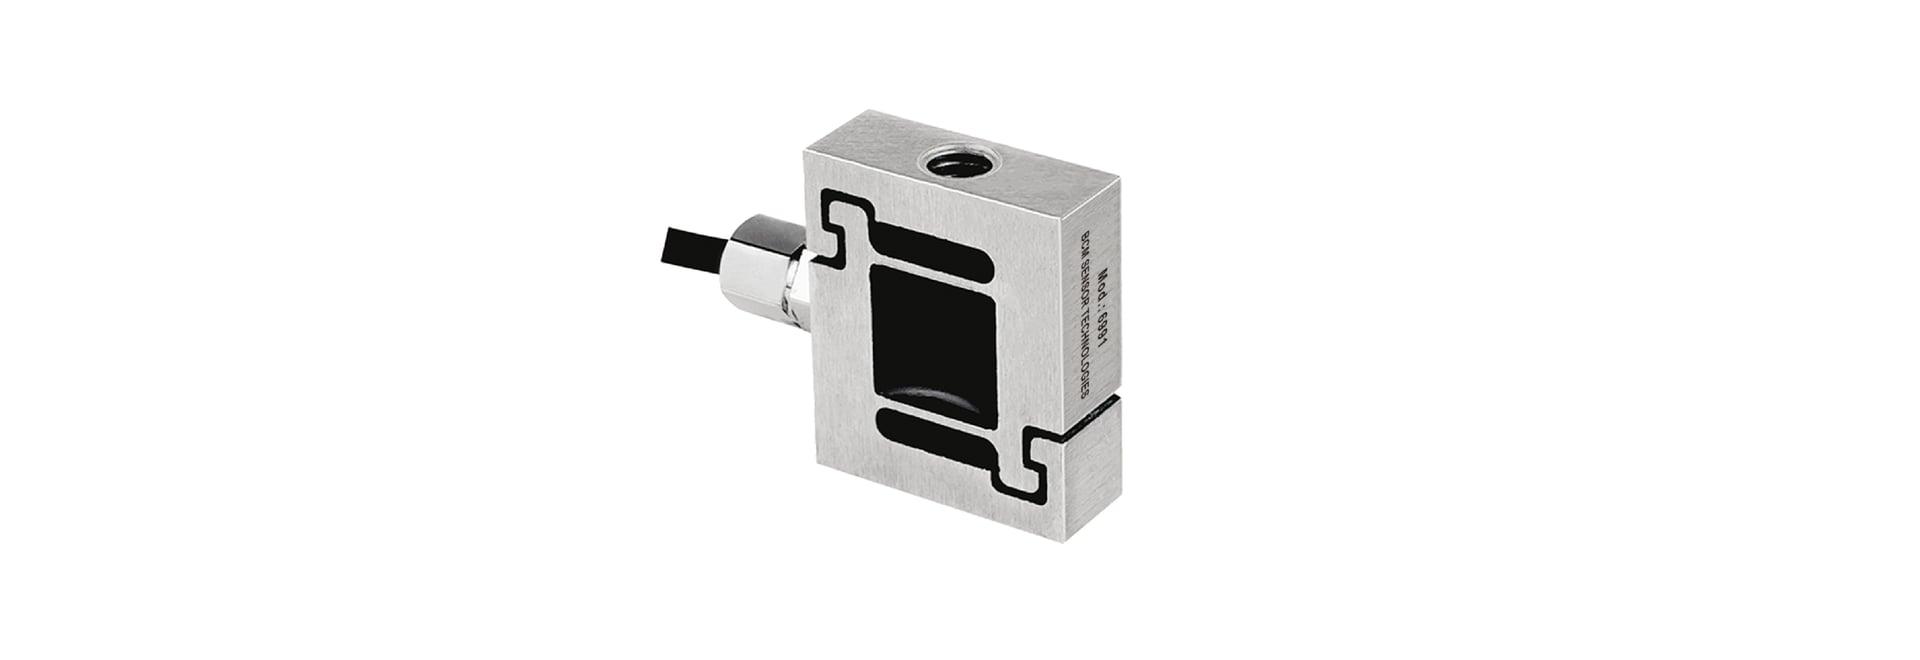 6991 Trasduttori di forza compatti di tipo S con protezione da sovraccarico